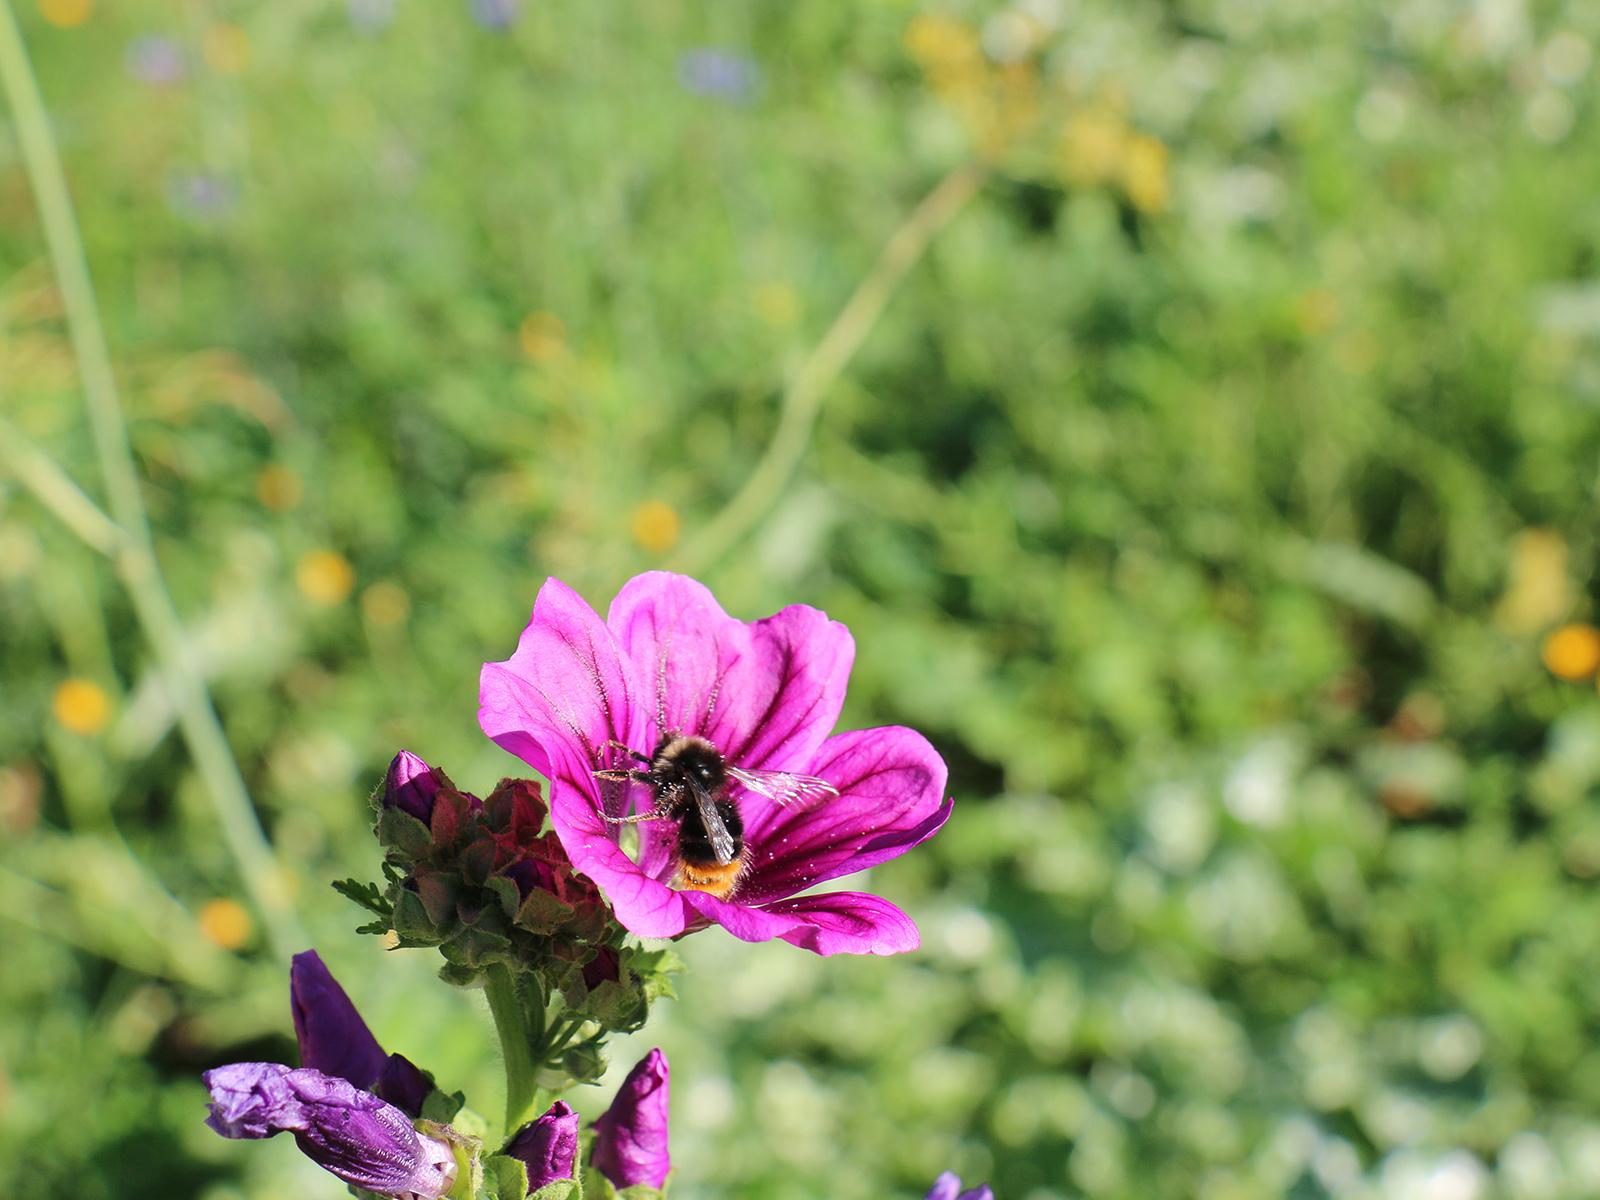 Eine Hummel auf einer violetten Blume aug einer Blühwiese.